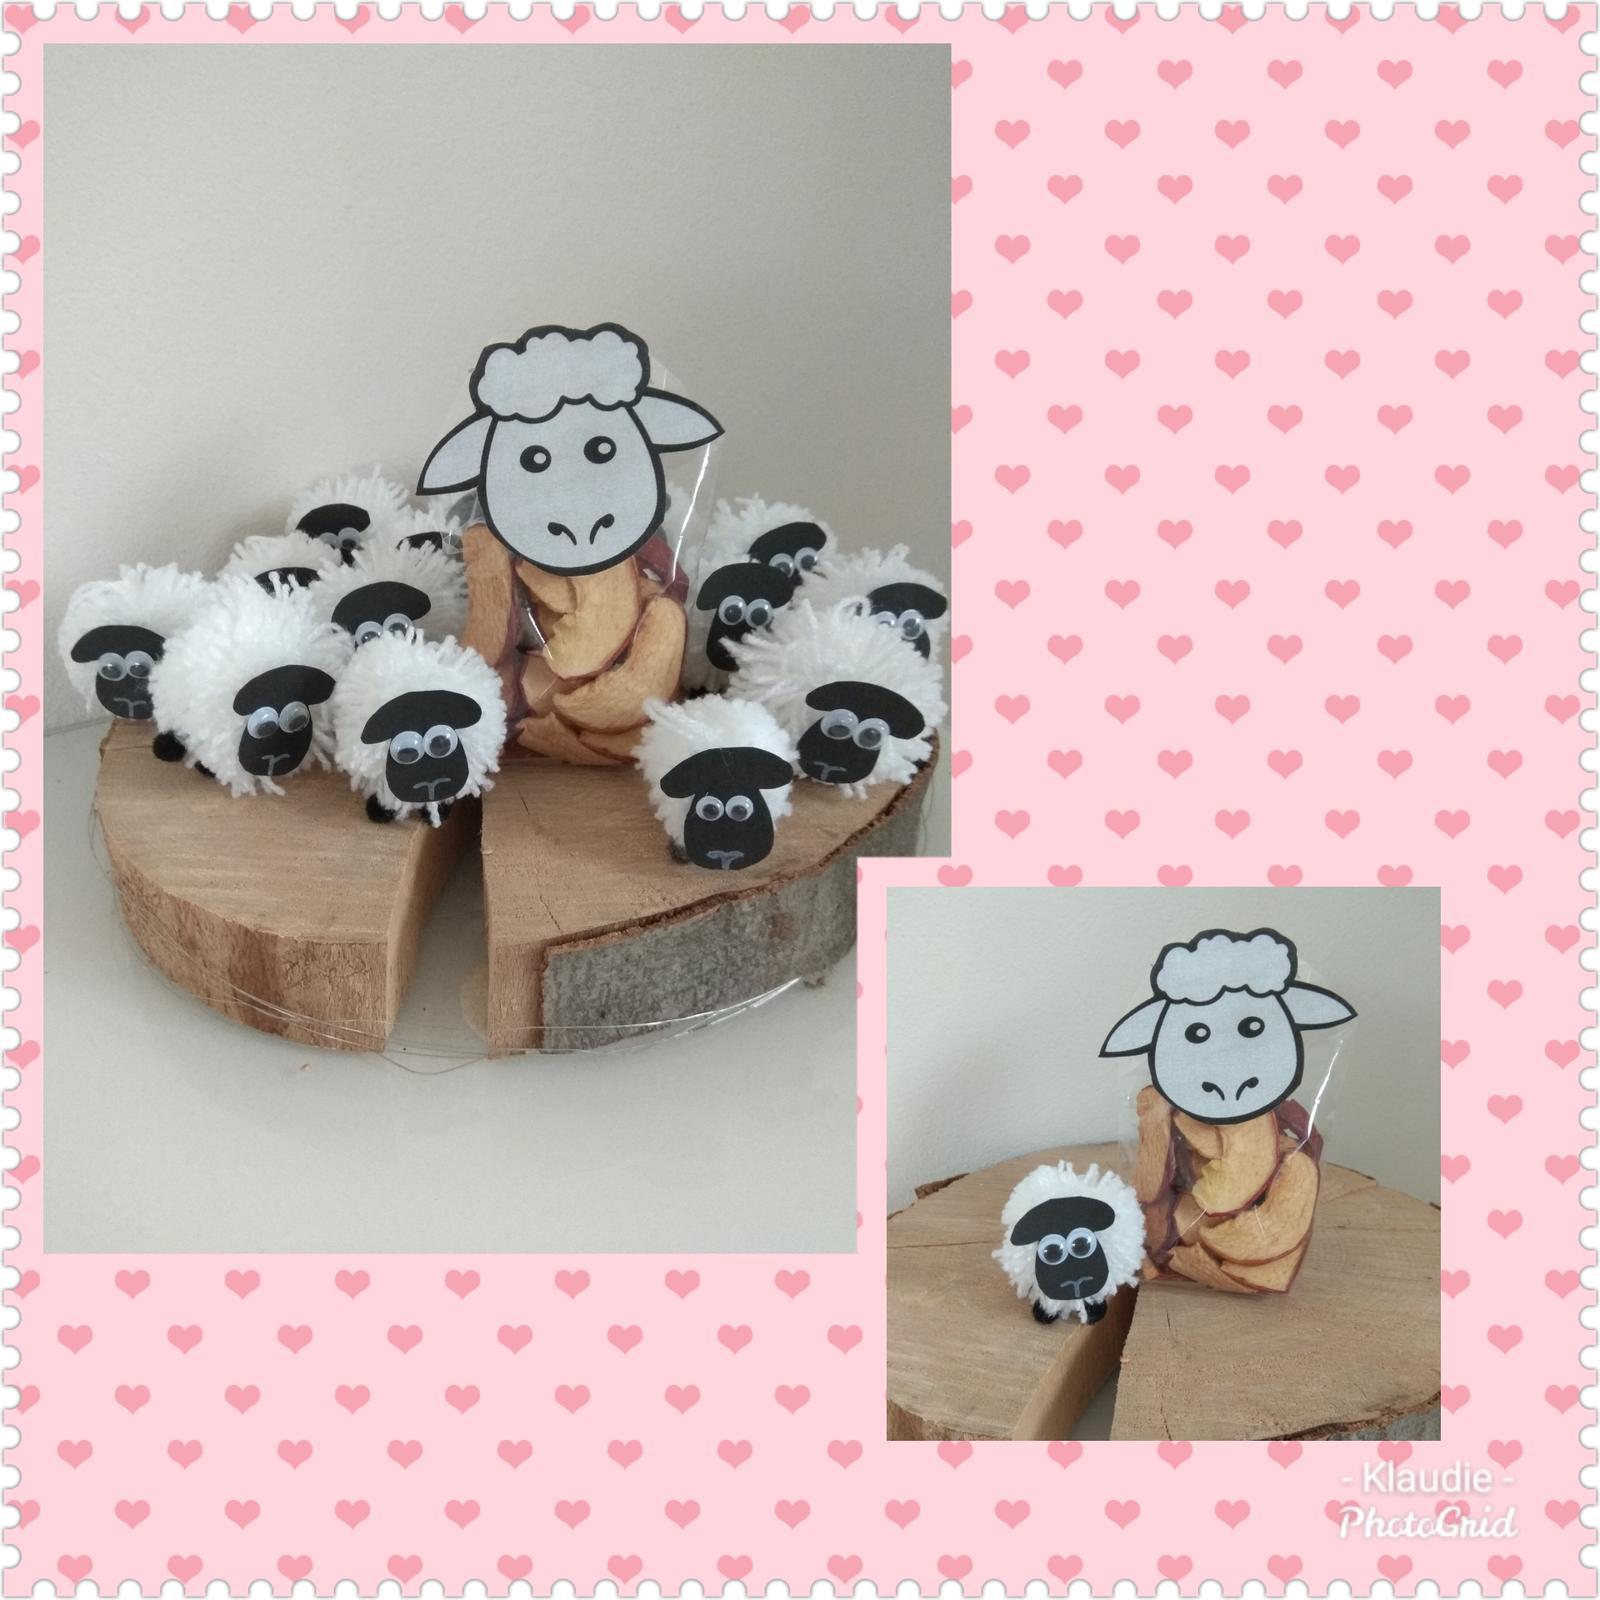 Když tvořím podle něčeho, aneb moje DIY - Do třídy oveček pro děti místo sladkosti.